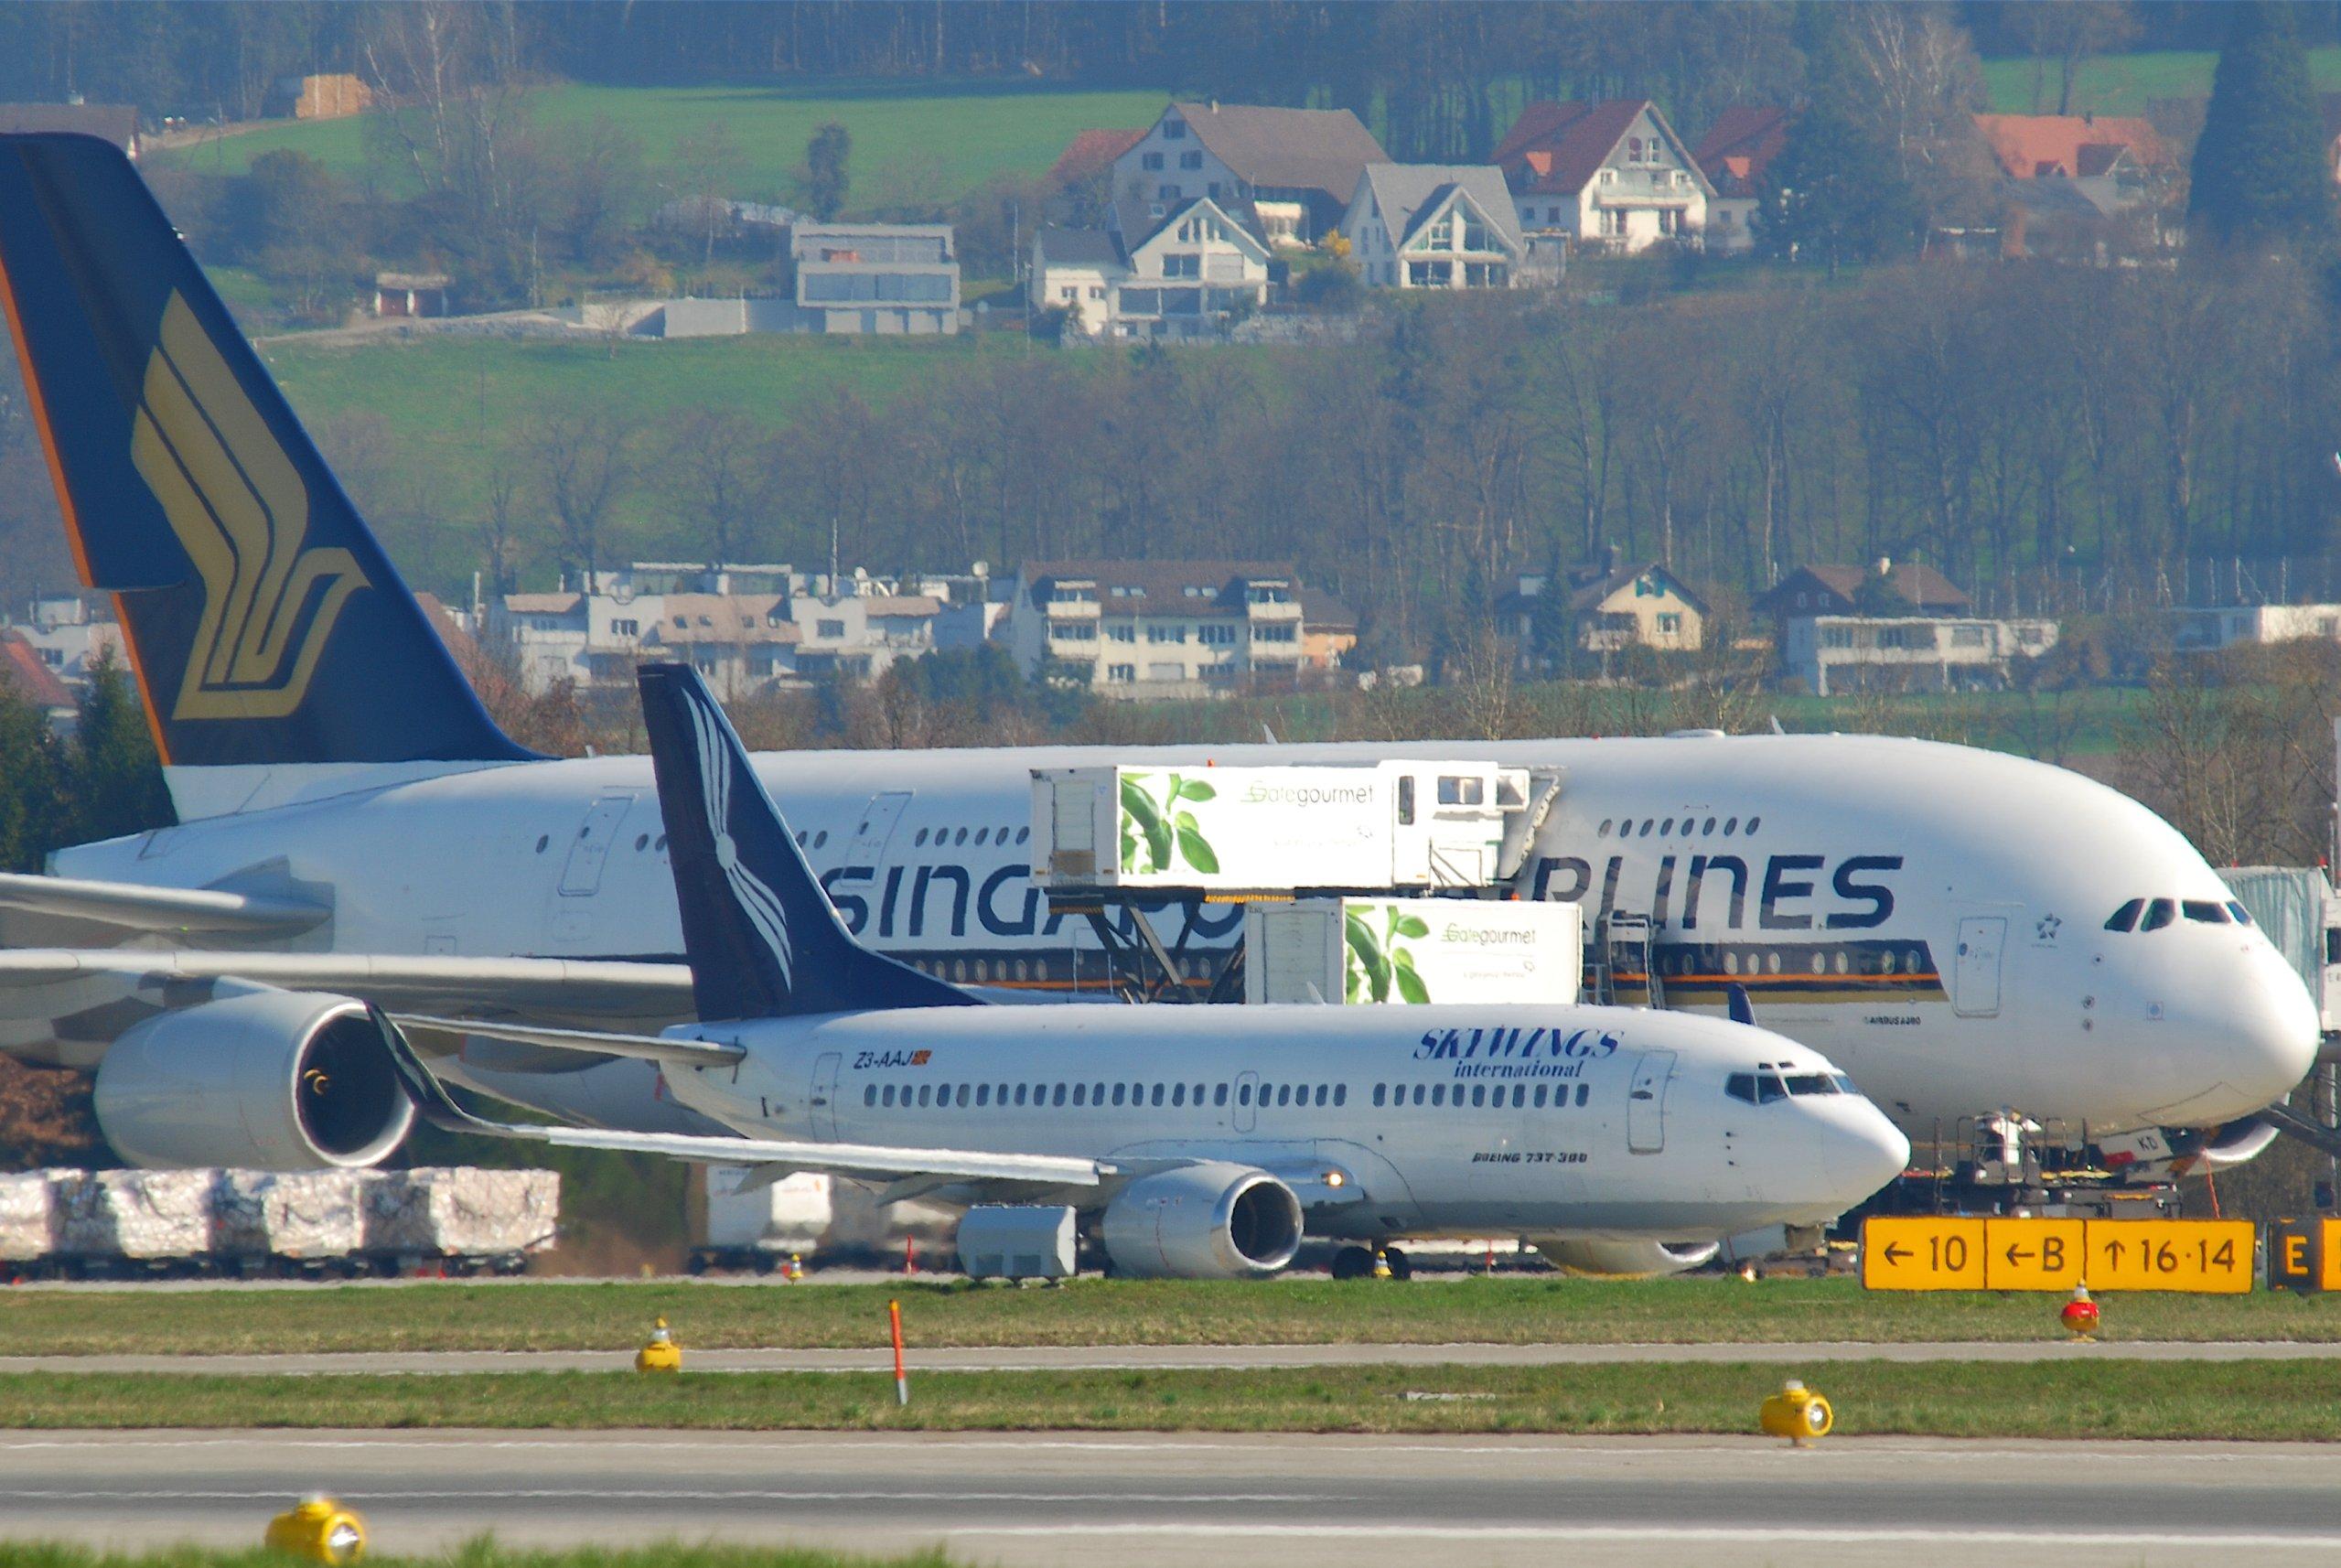 Skywings_International_Boeing_737-300%3B_Z3-AAJ%40ZRH%3B07.04.2010_570al_%284500499206%29